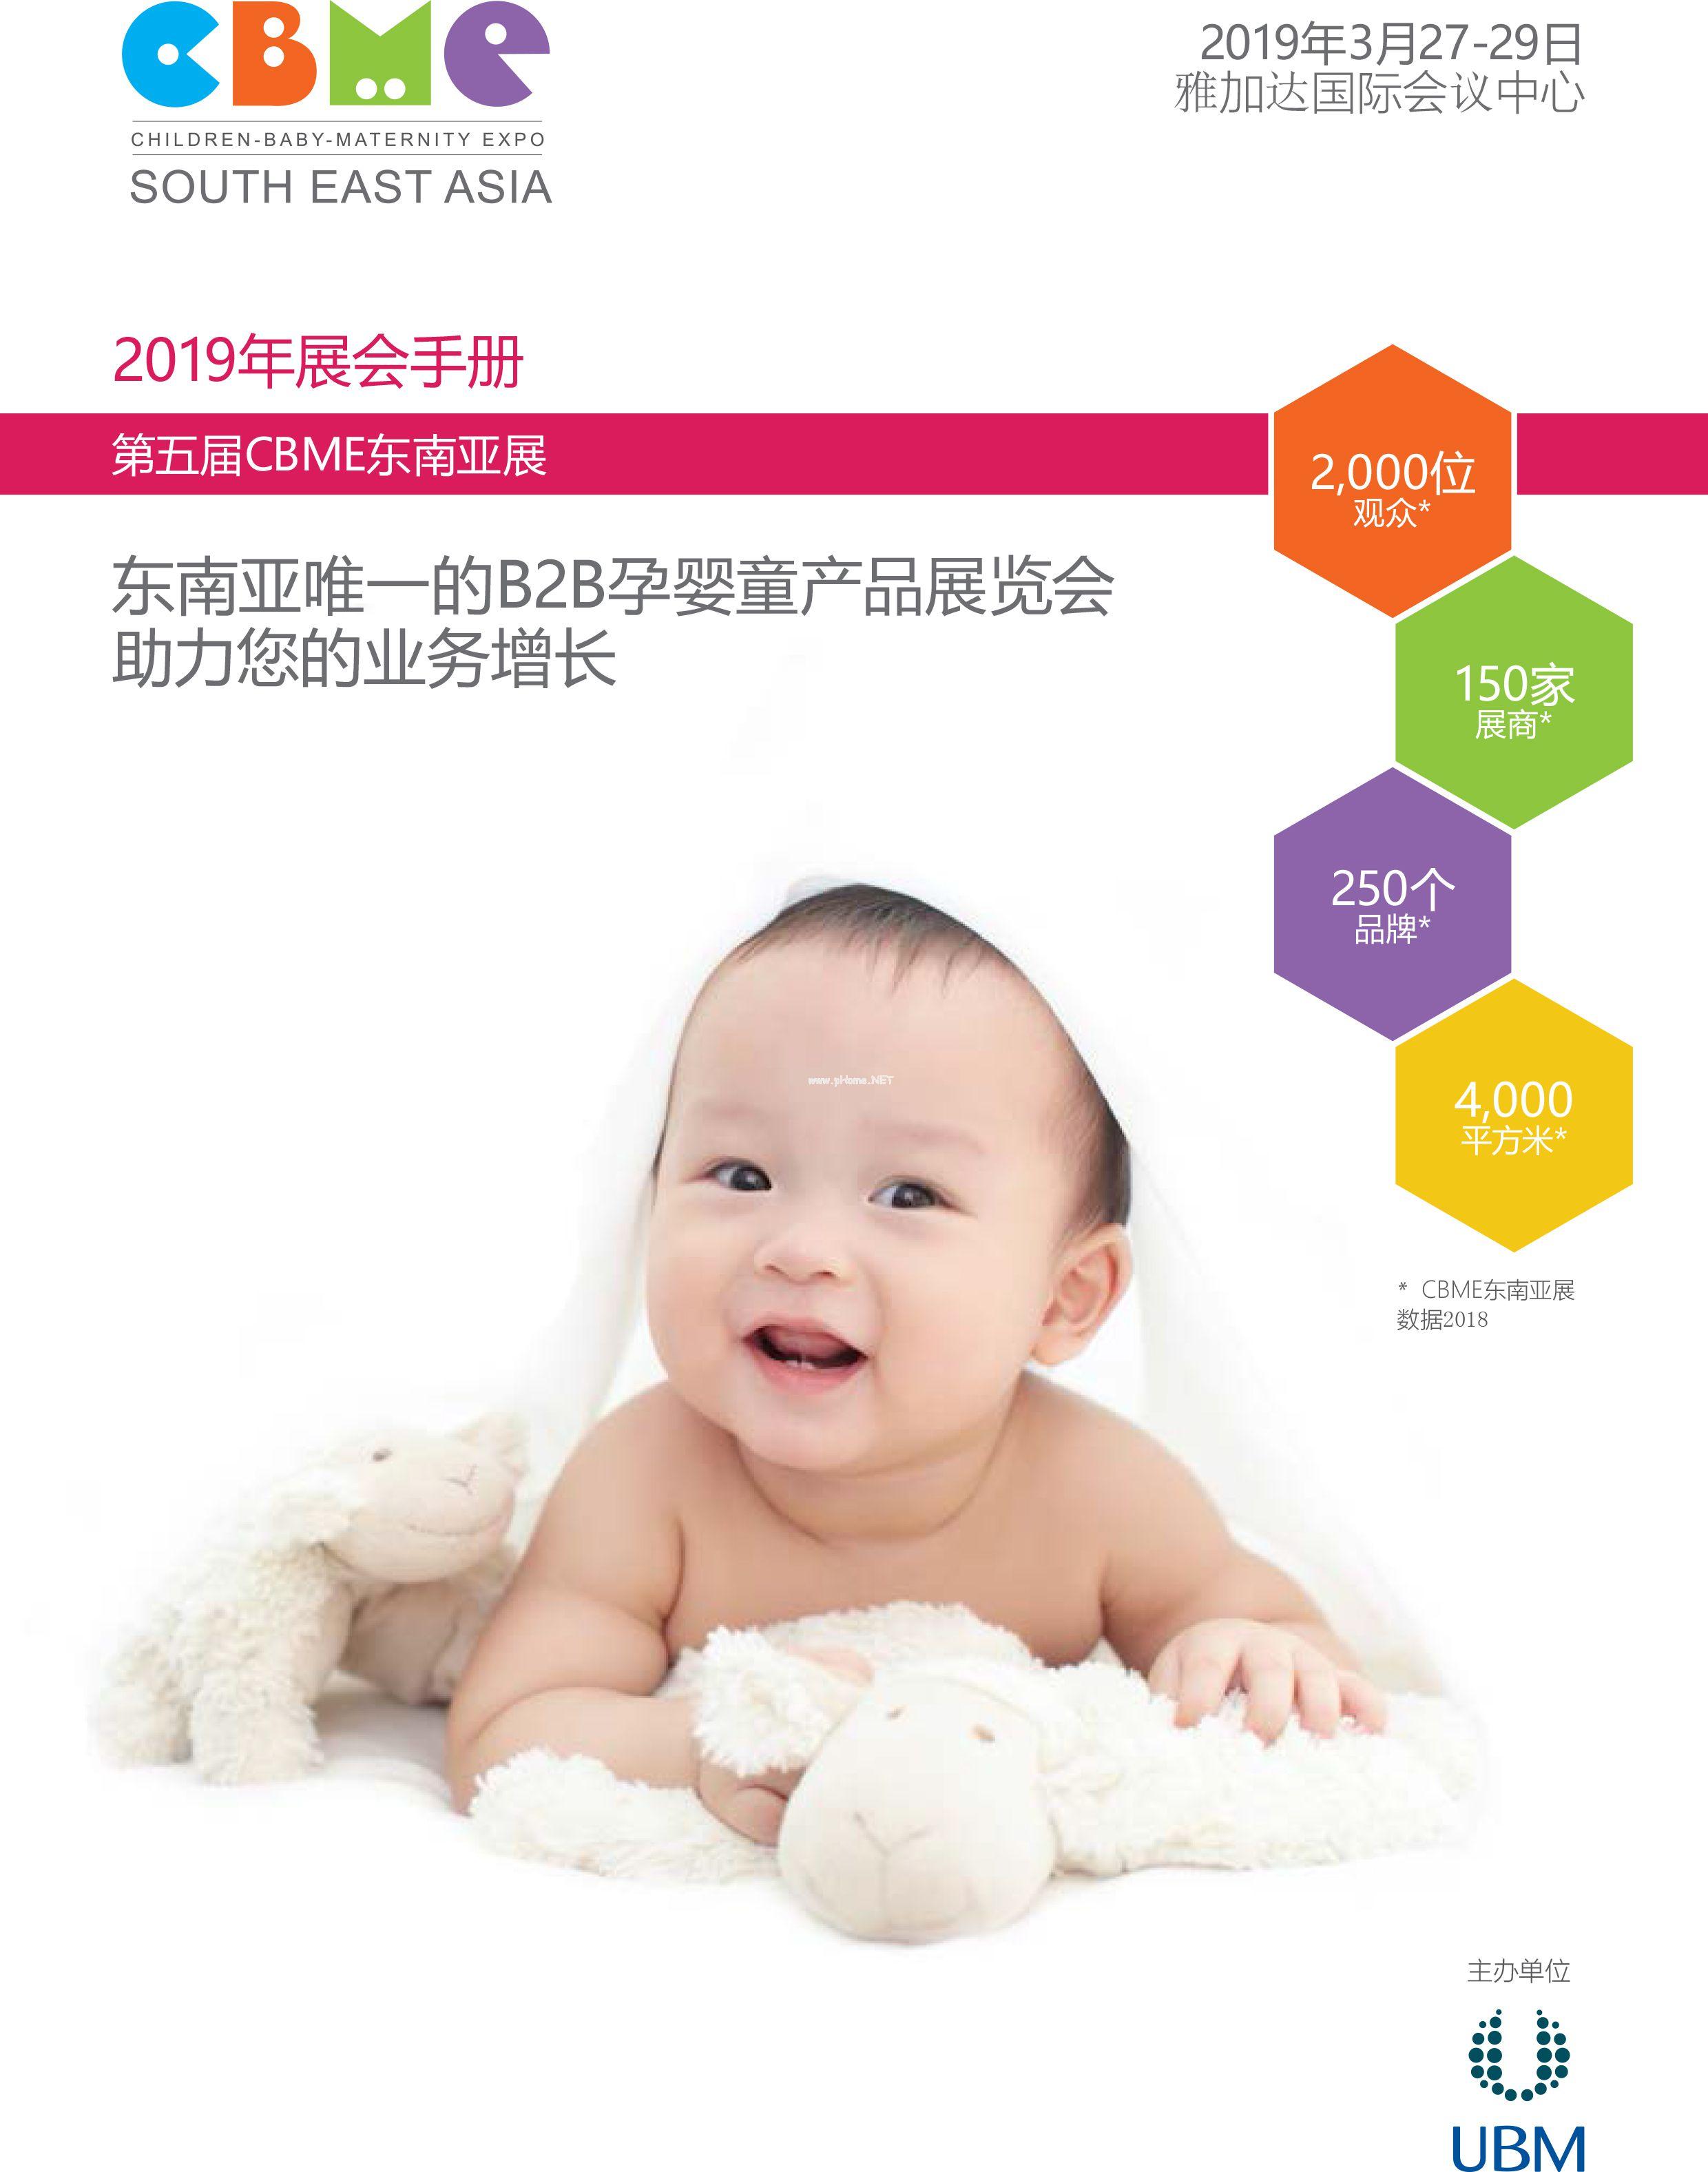 2018年CBME东南亚孕婴童展招展函-上海亨昱会展-1.jpg